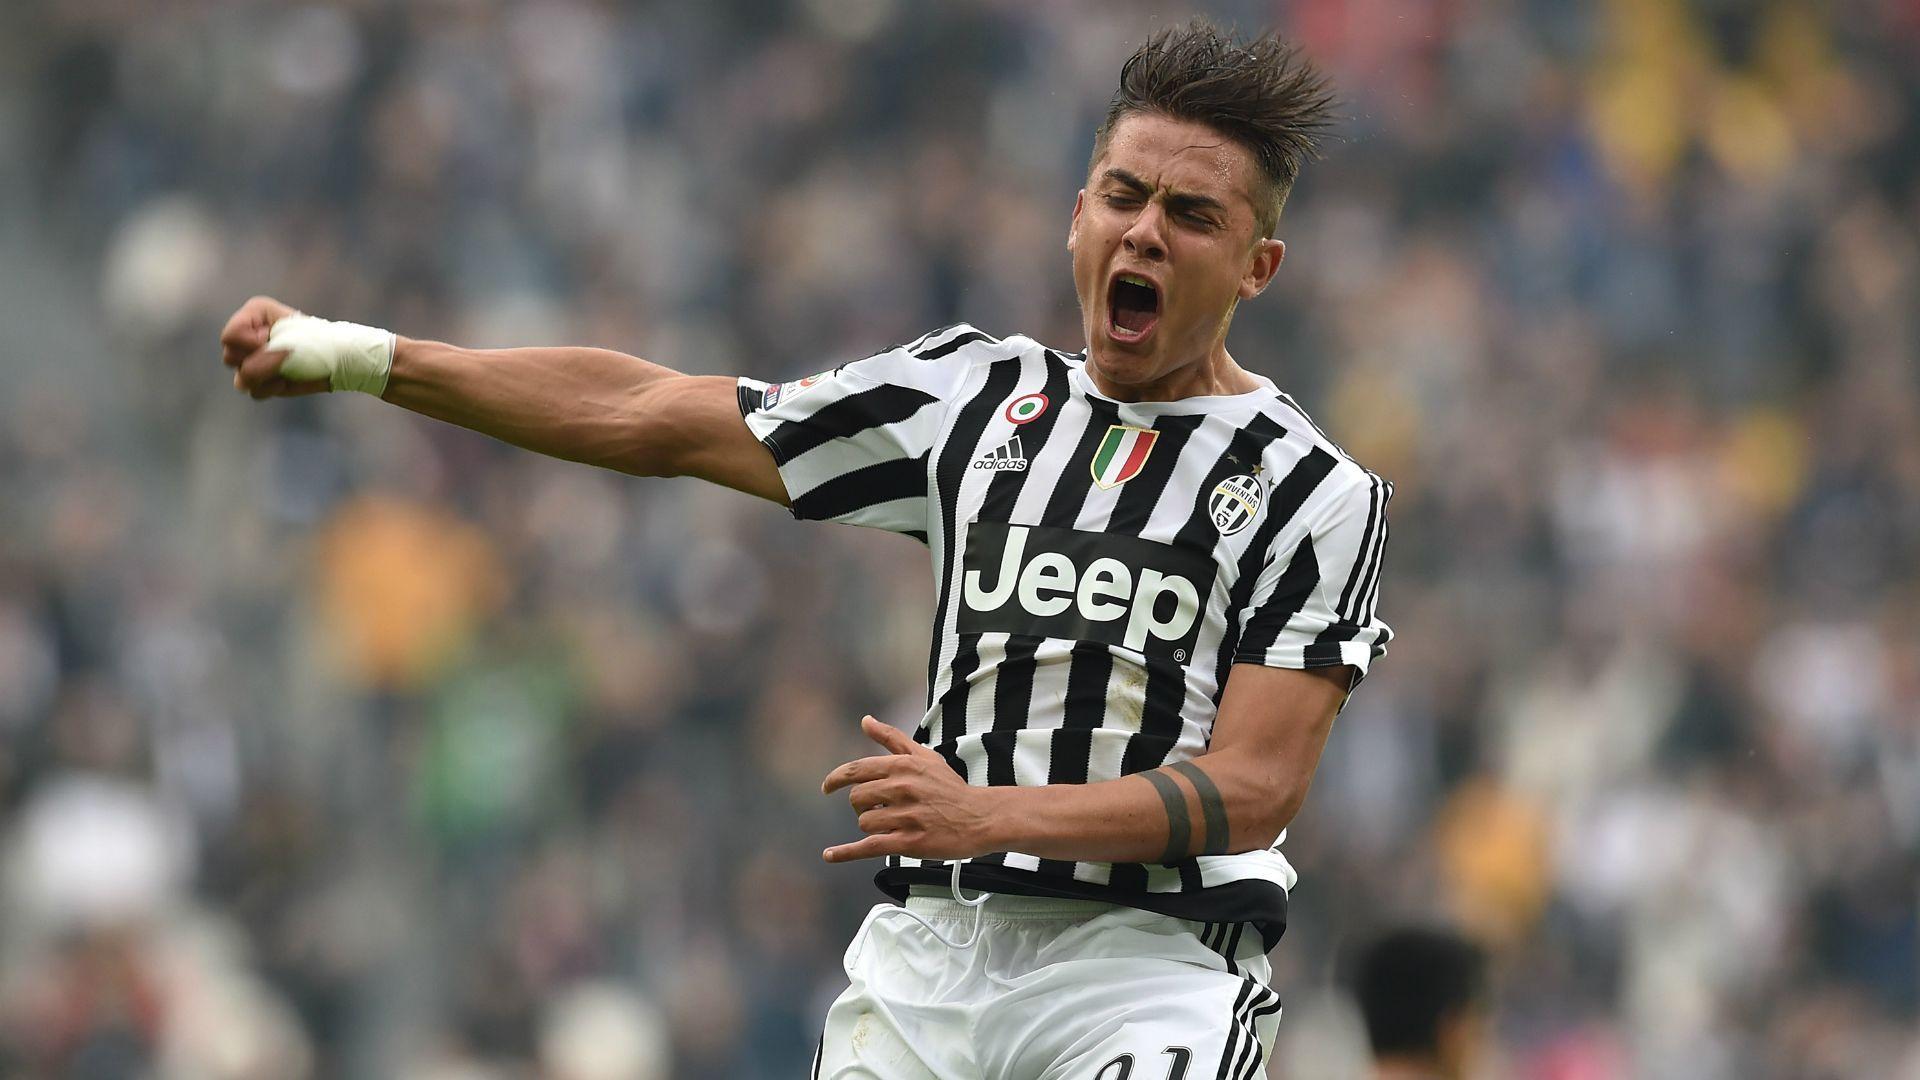 Juventus 2 - 0 Atalanta Match report - 10/25/15 Serie A - Goal.com